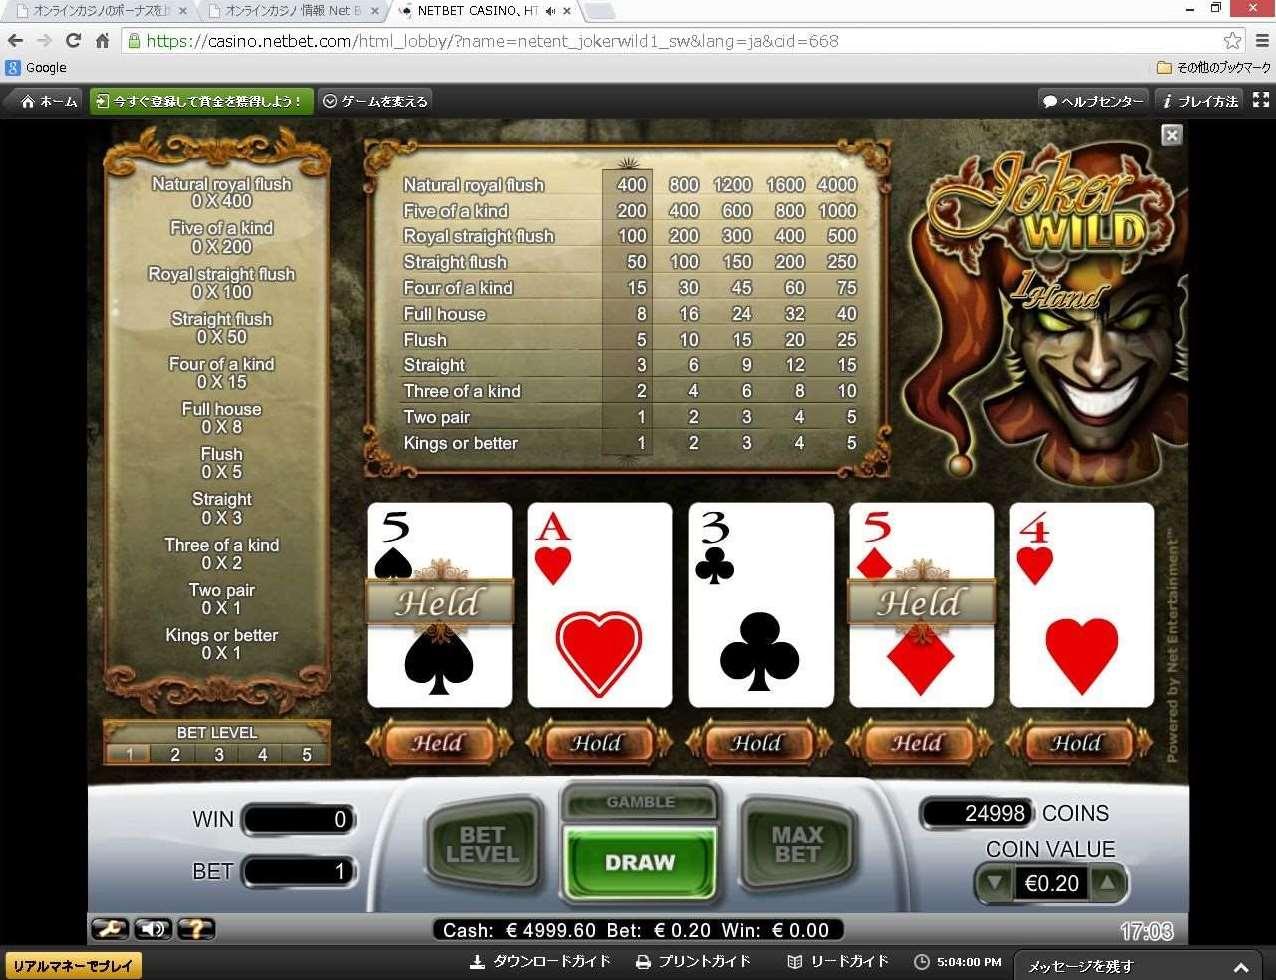 1H Joker Wild2